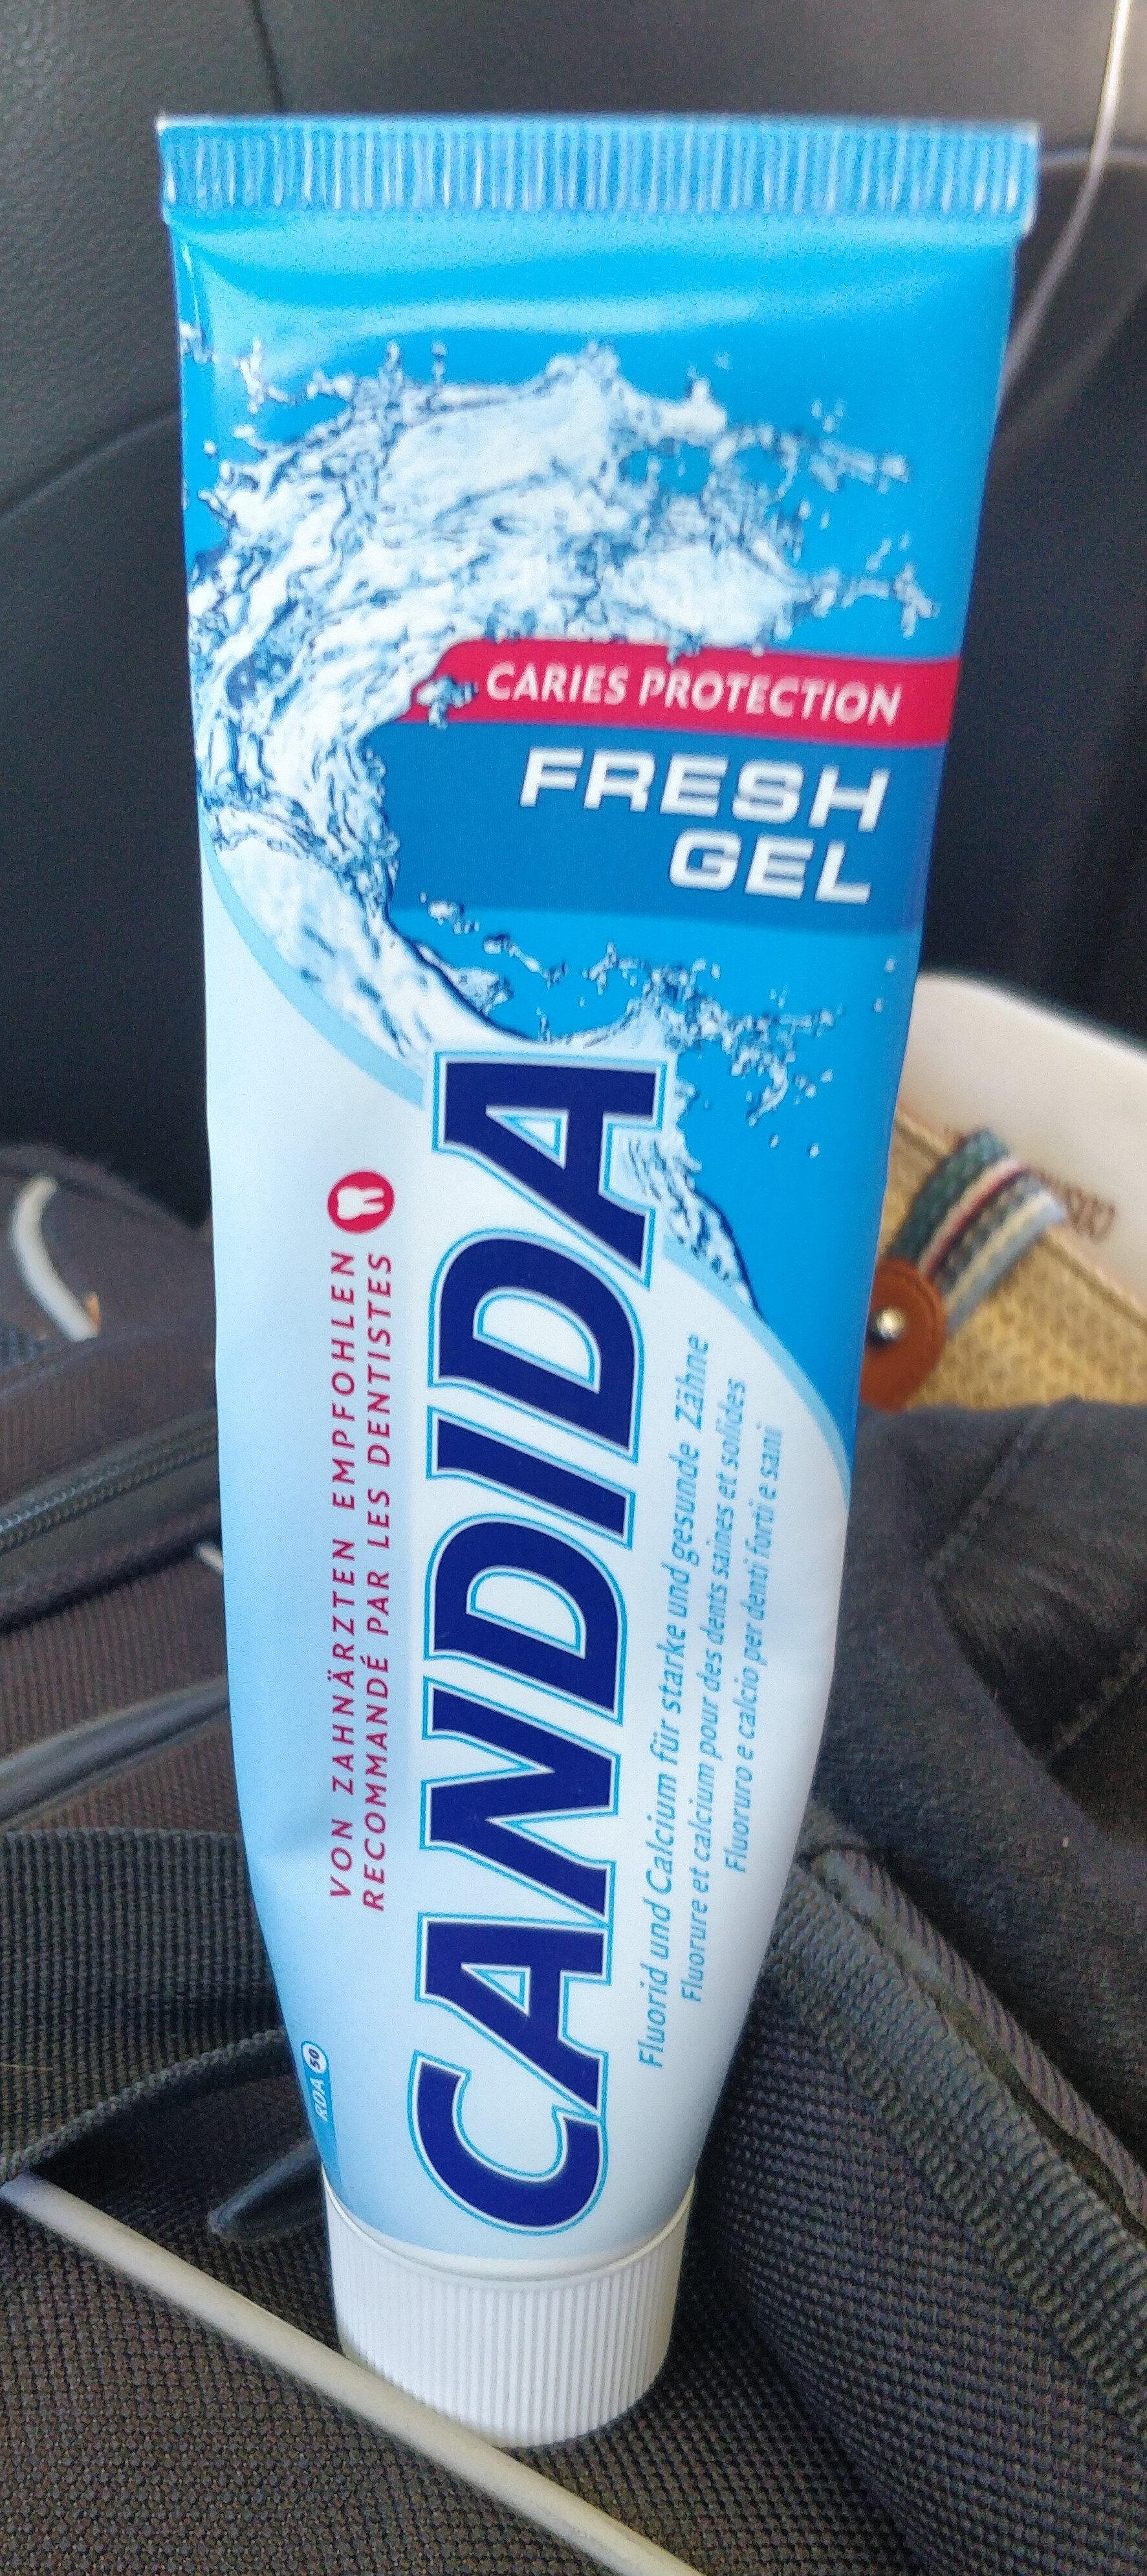 Fresh gel - Product - en